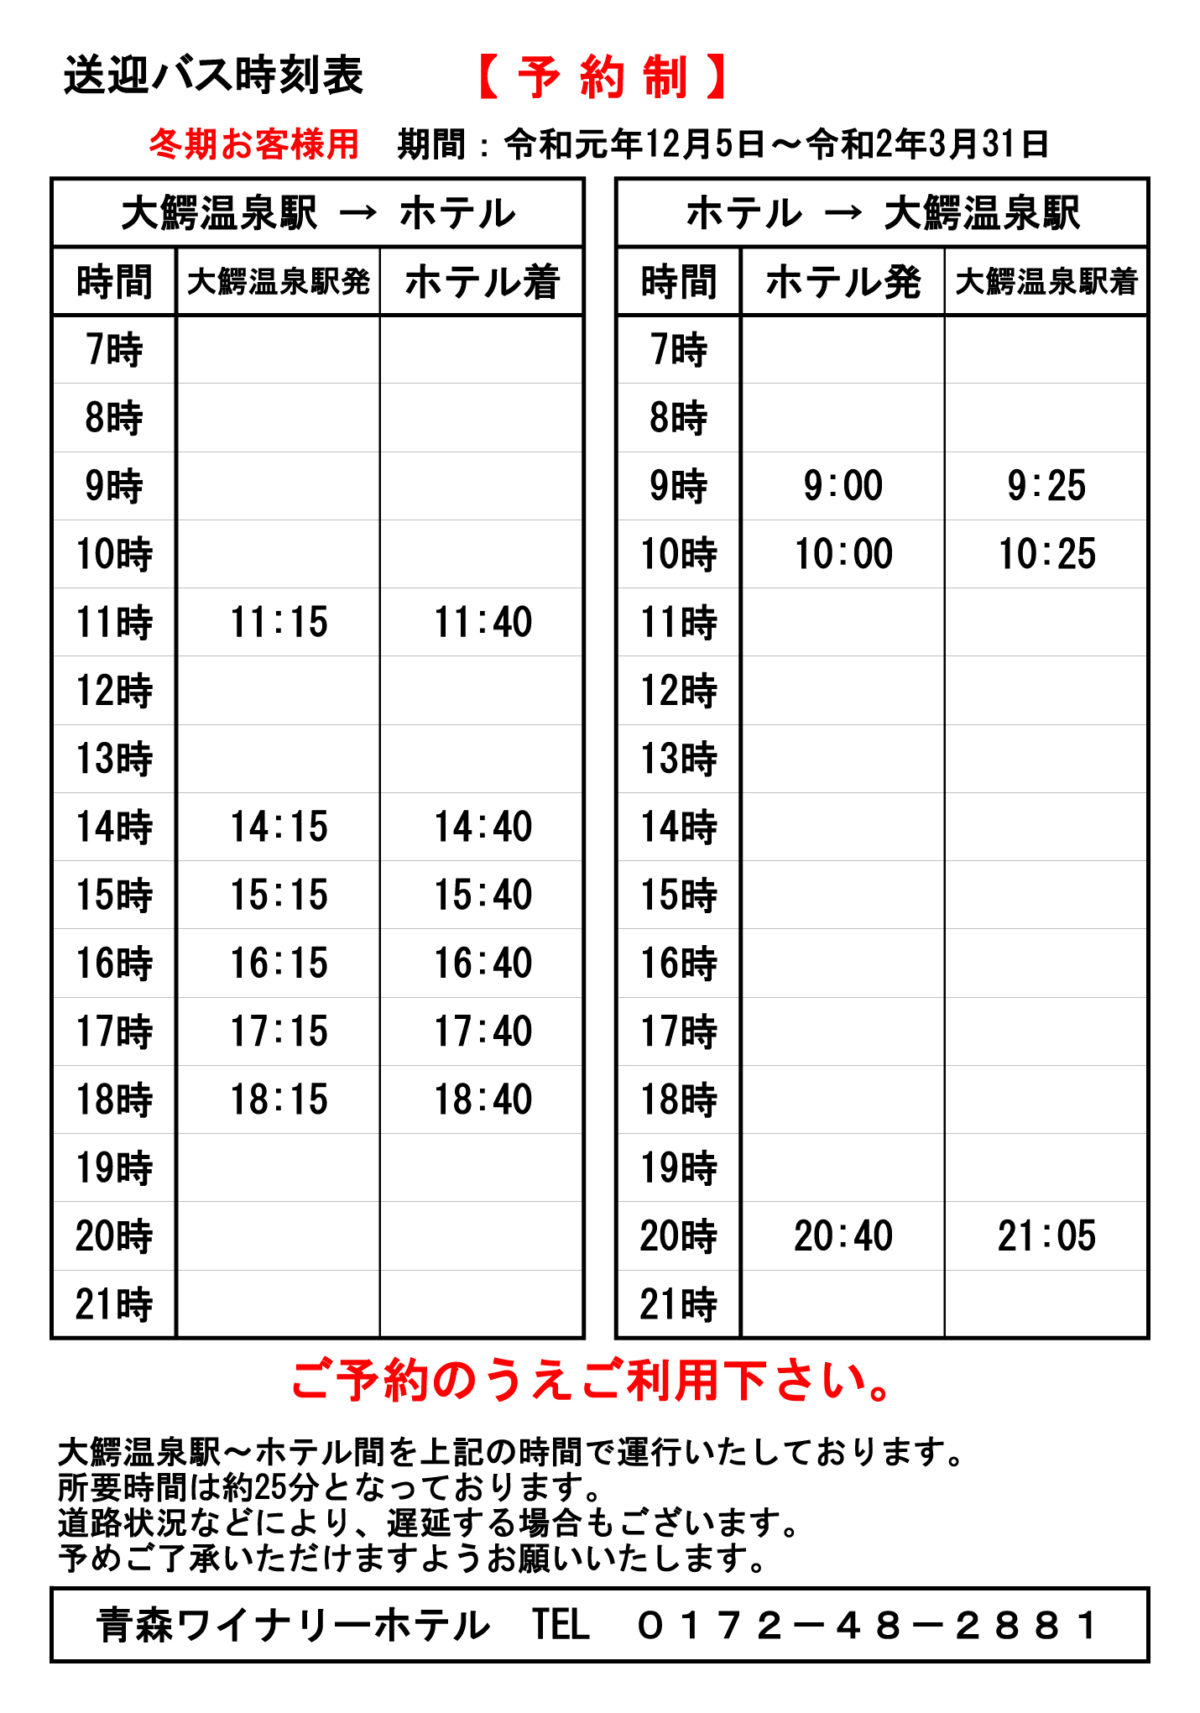 冬期お客様用_定時バス時刻表